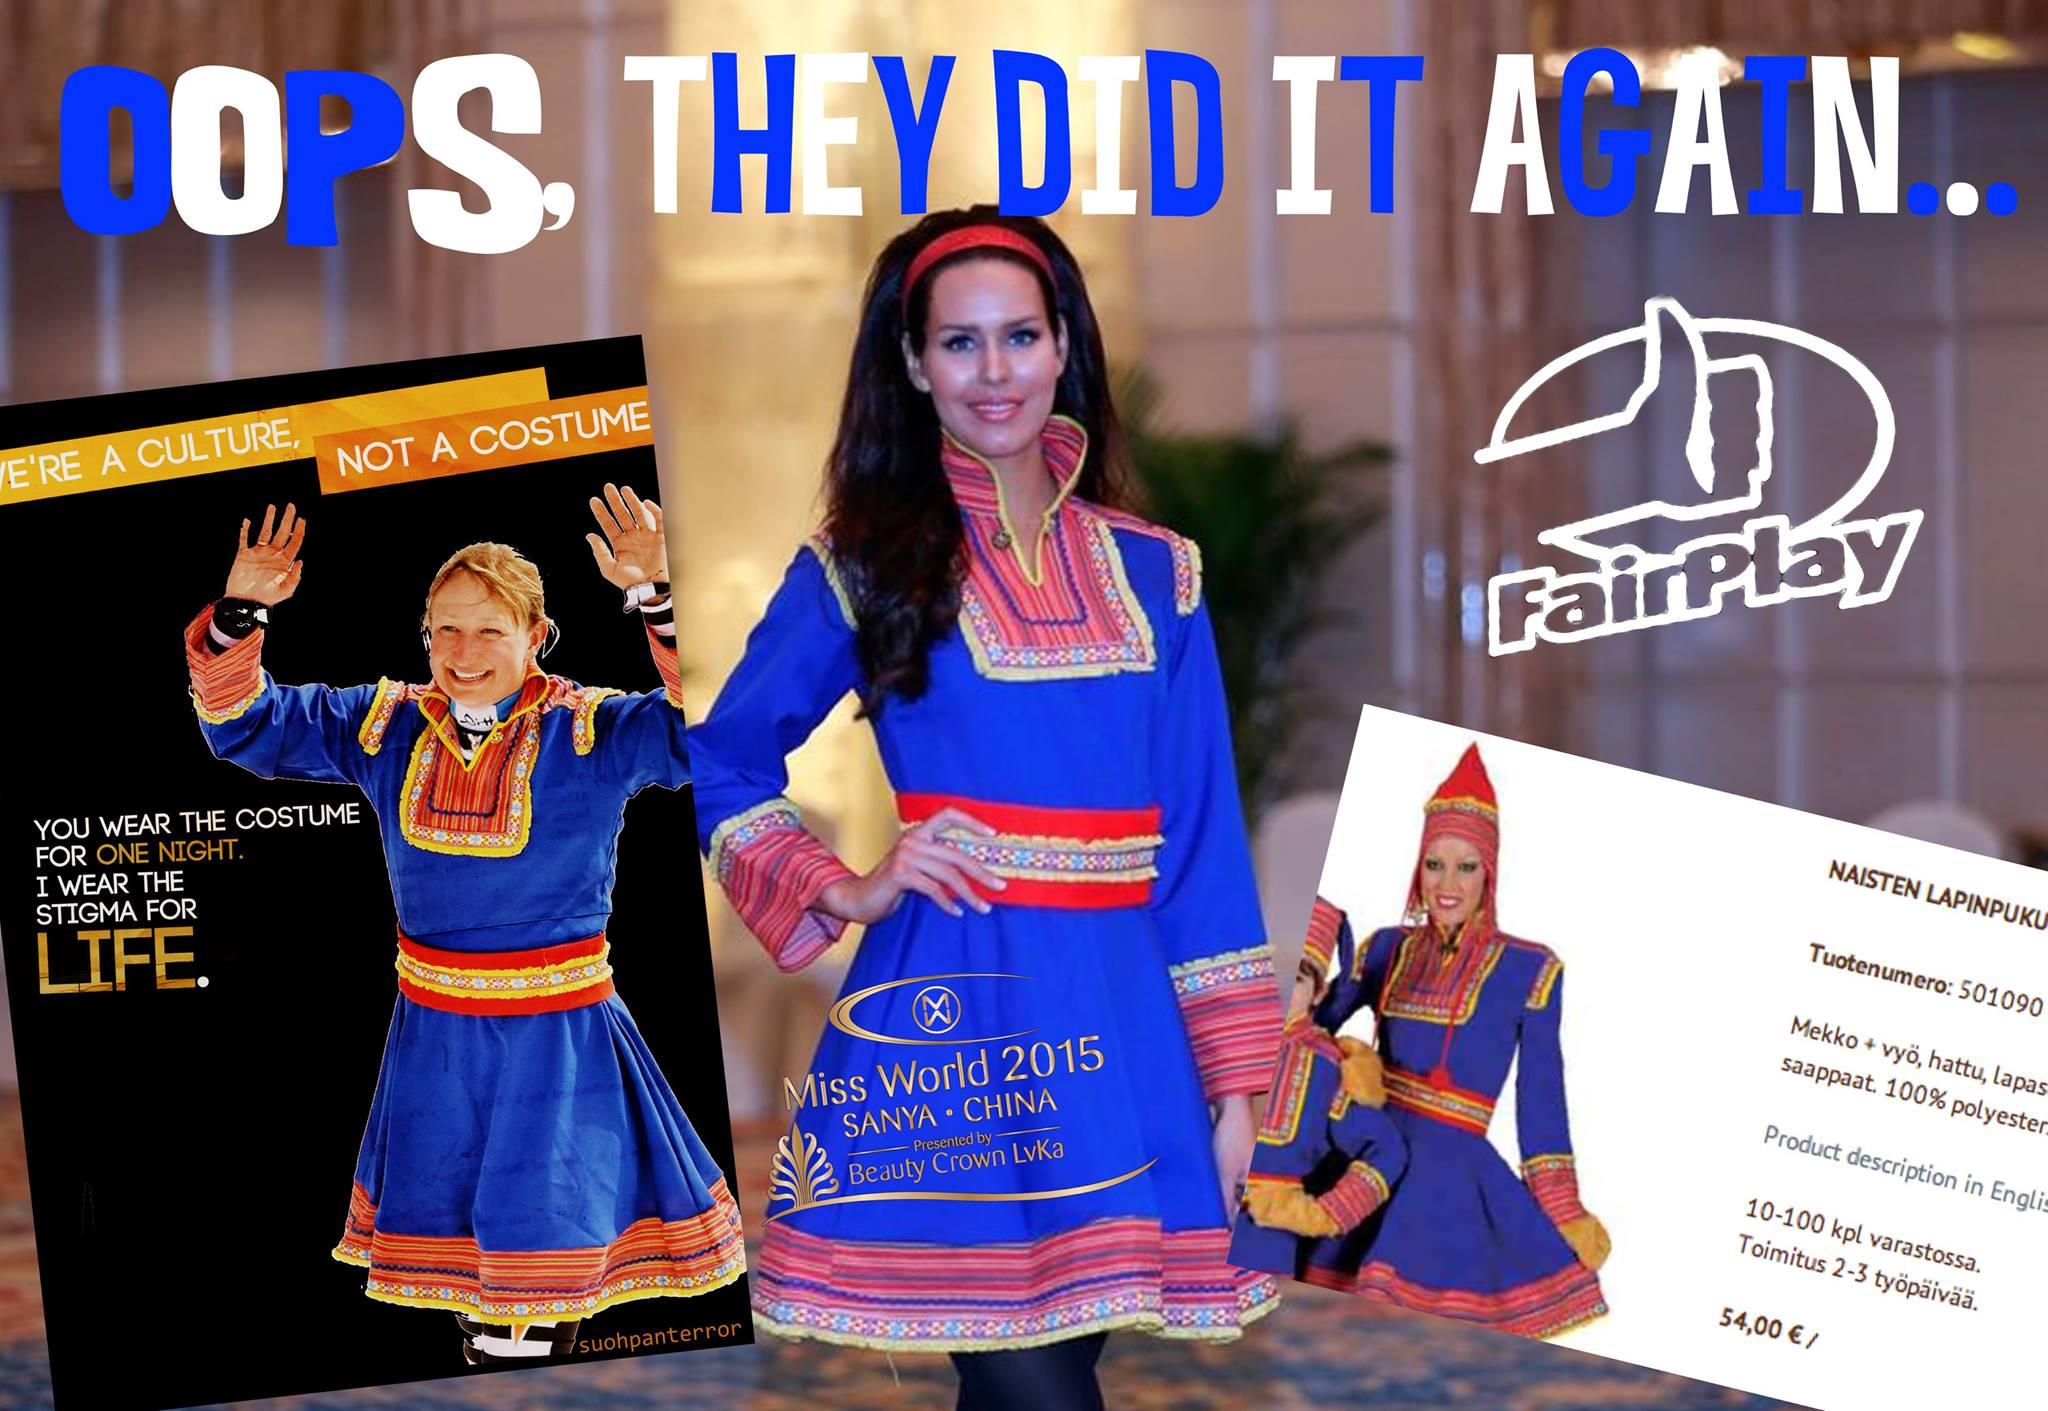 Alppihiihtäjä Tanja Poutiainen juhlisti uransa loppua pukeutumalla saamenpukuun. Carola Miller puolestaan edusti Suomea Miss Maailma -kilpailuissa samoin saamenpuvussa. Kumpikaan henkilöistä ei ole saamelainen, eivätkä puvutkaan oikeasti olleet sitä. Monet saamelaiset kokivat nämä pukeutumisratkaisut syvästi loukkaaviksi.